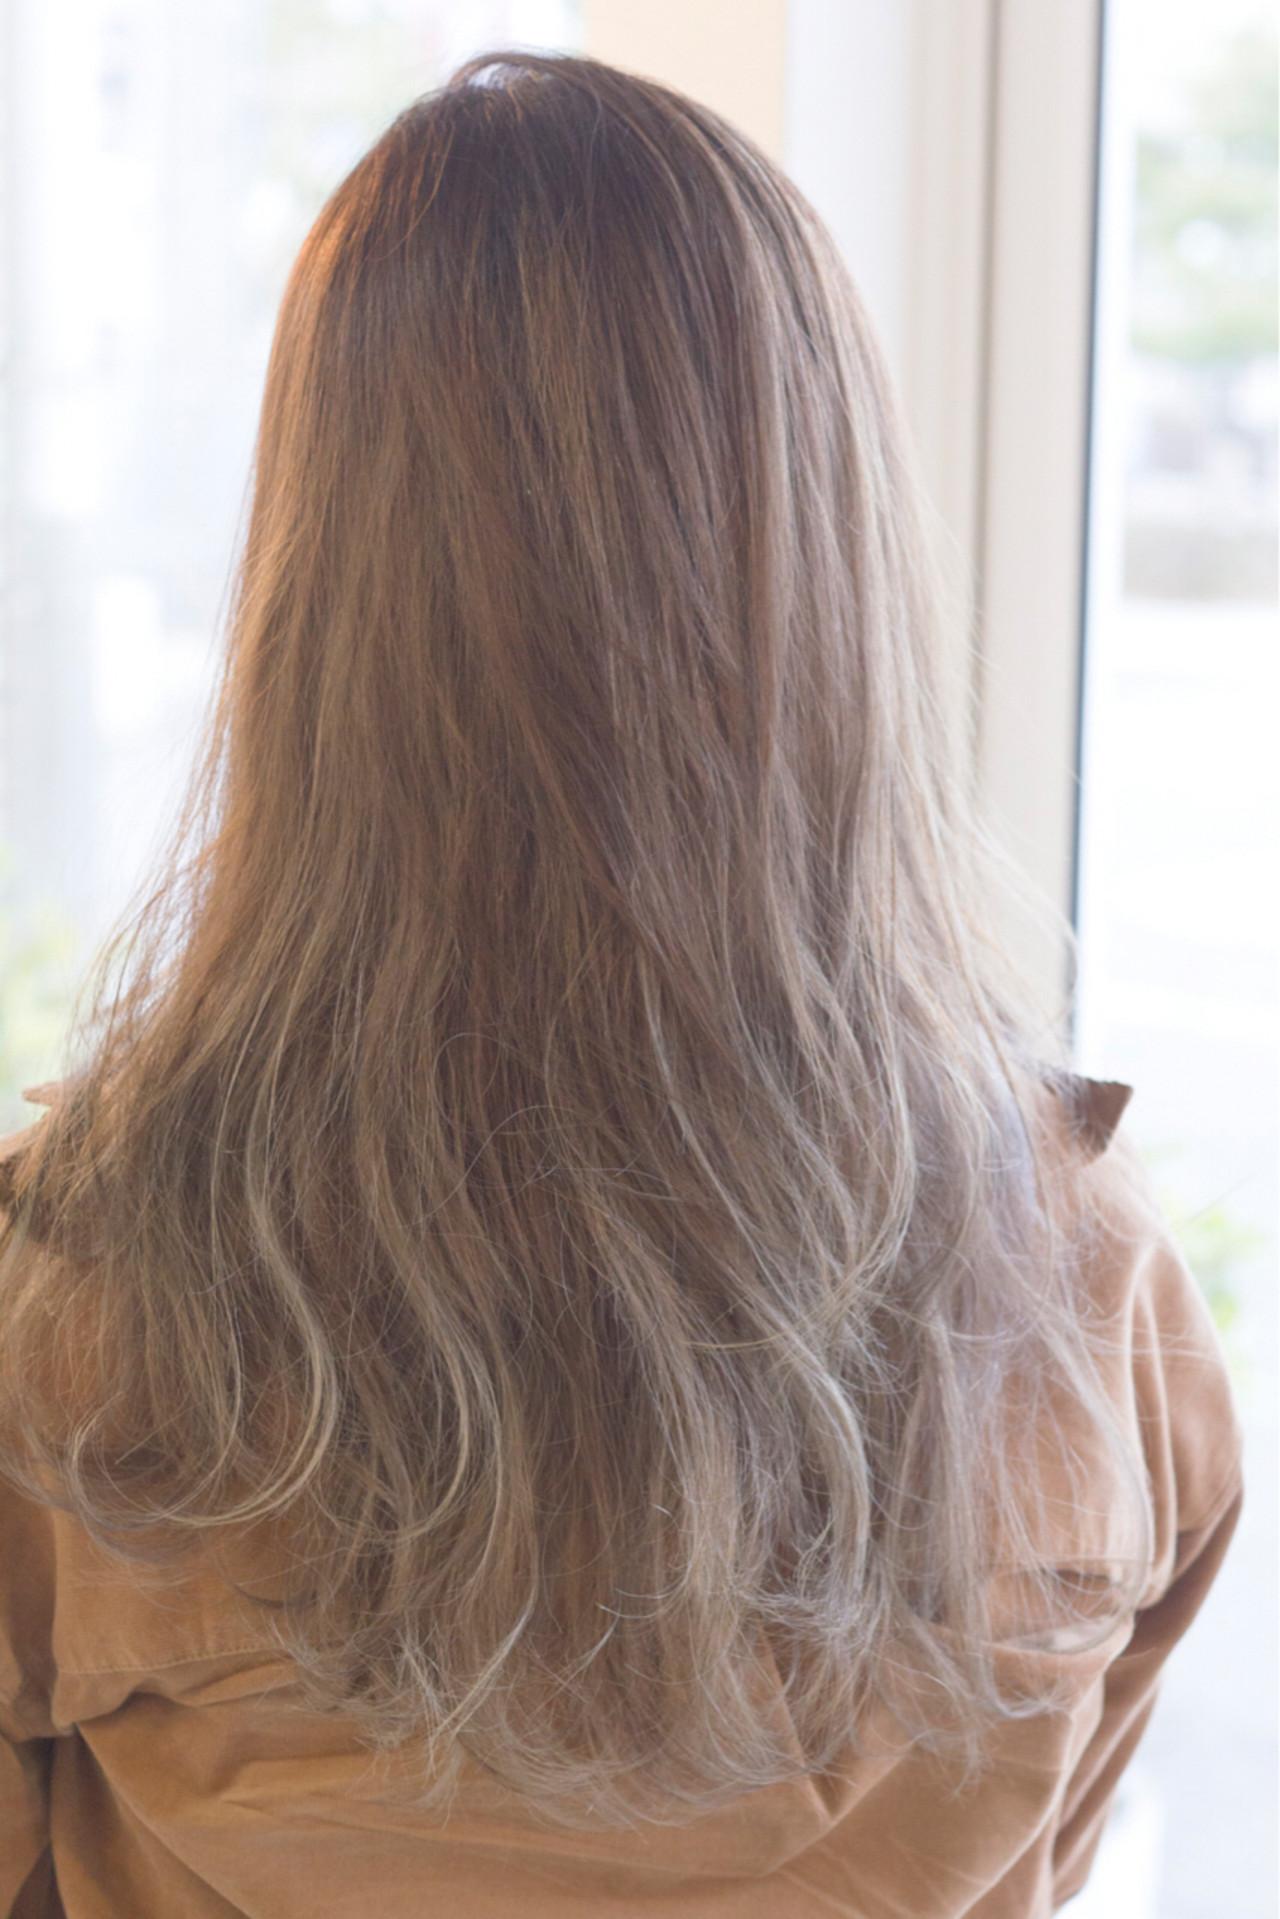 こなれ感 大人女子 ニュアンス ロング ヘアスタイルや髪型の写真・画像